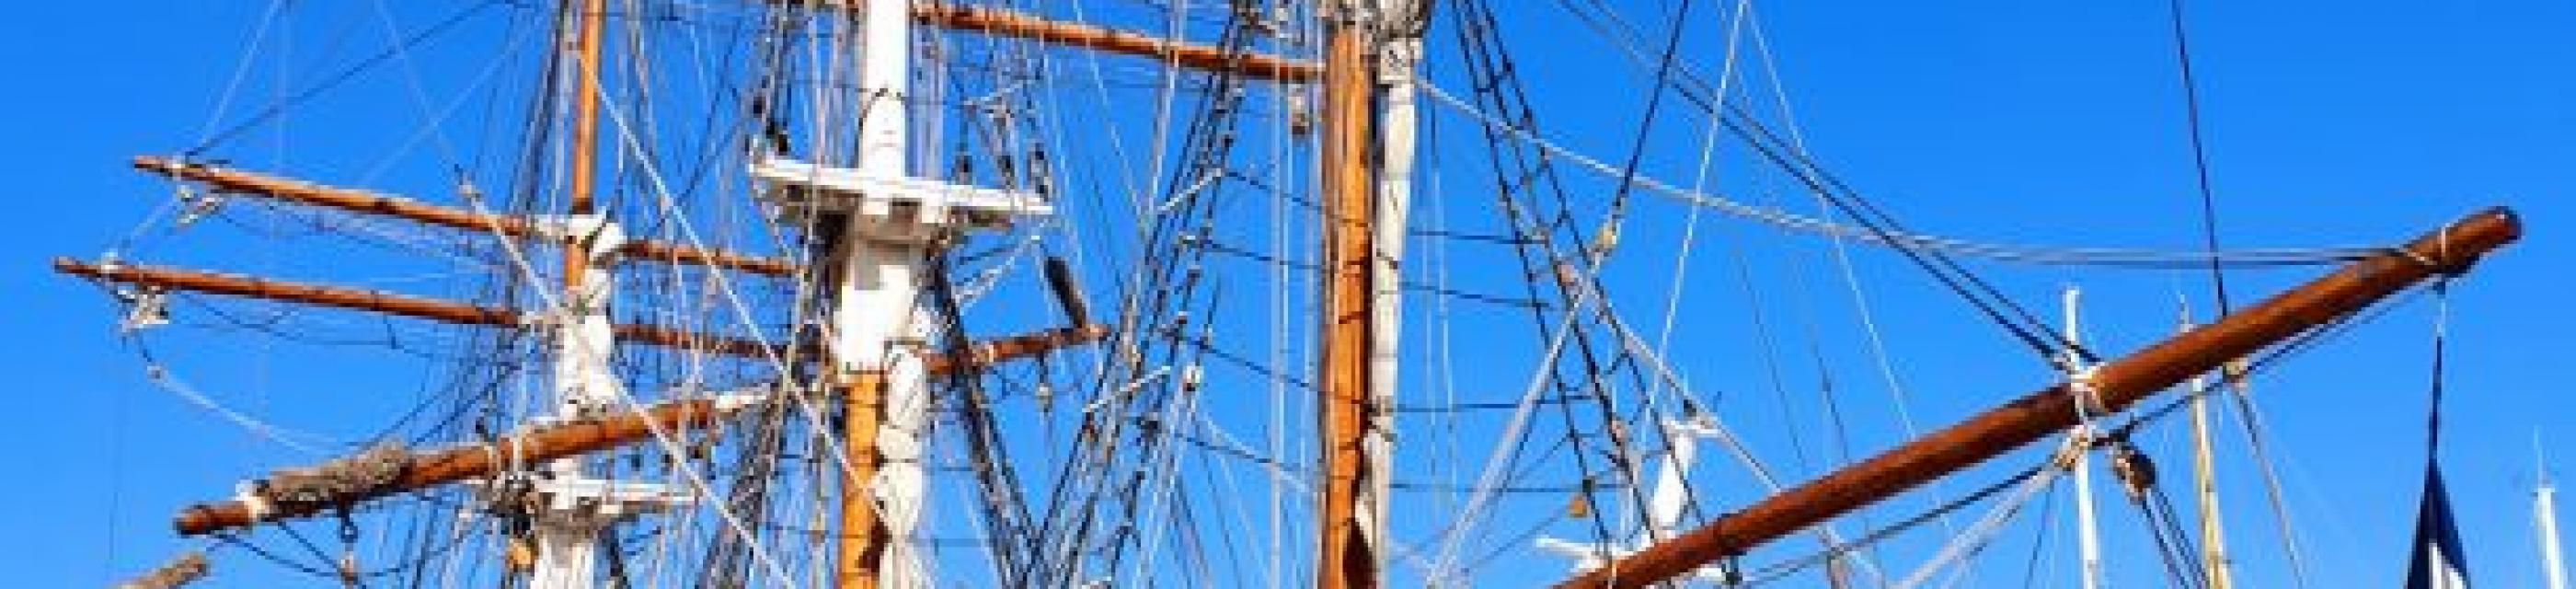 Le Français dans le Port de Saint Tropez